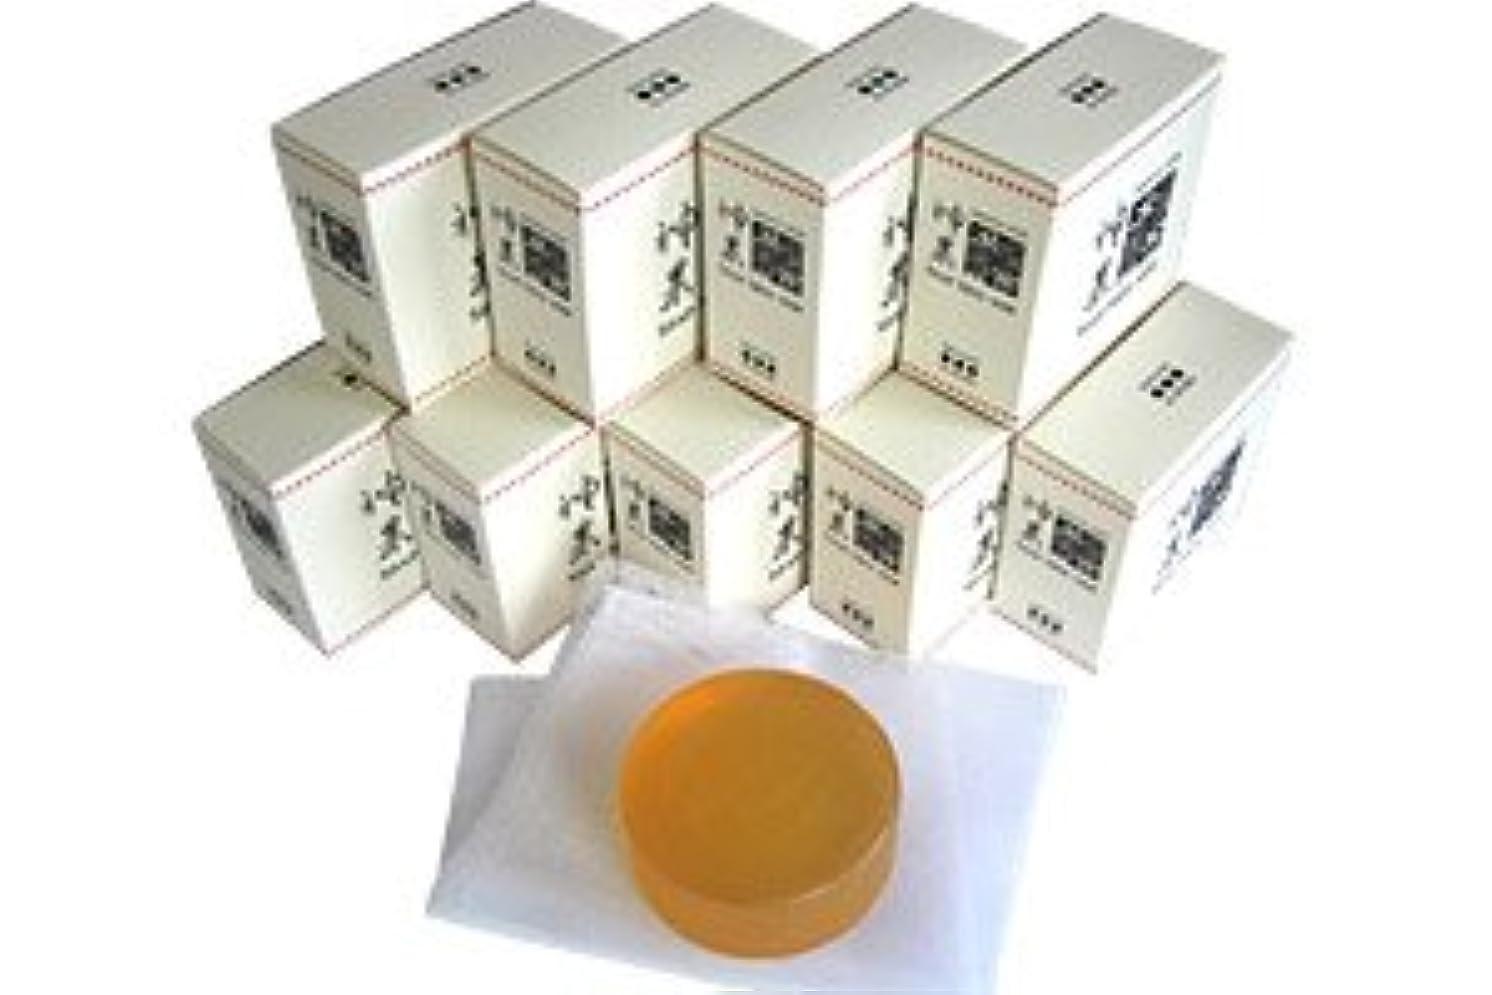 ブランク拳対応するハーブ神農ソープ(100g)1ケース(10個入り)